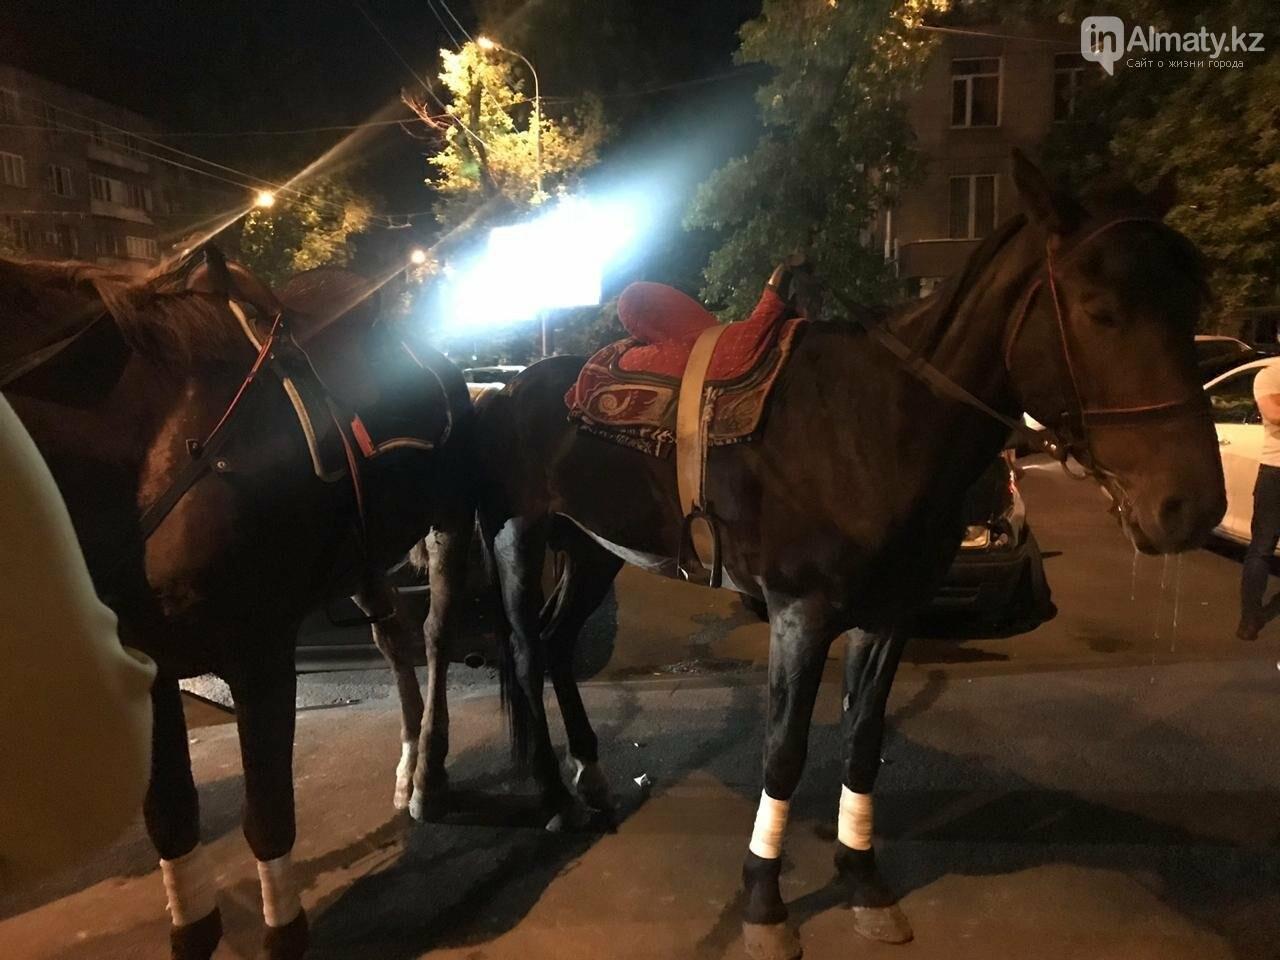 """Истощённых лошадей заметили за """"работой"""" у ночного клуба в Алматы , фото-3"""